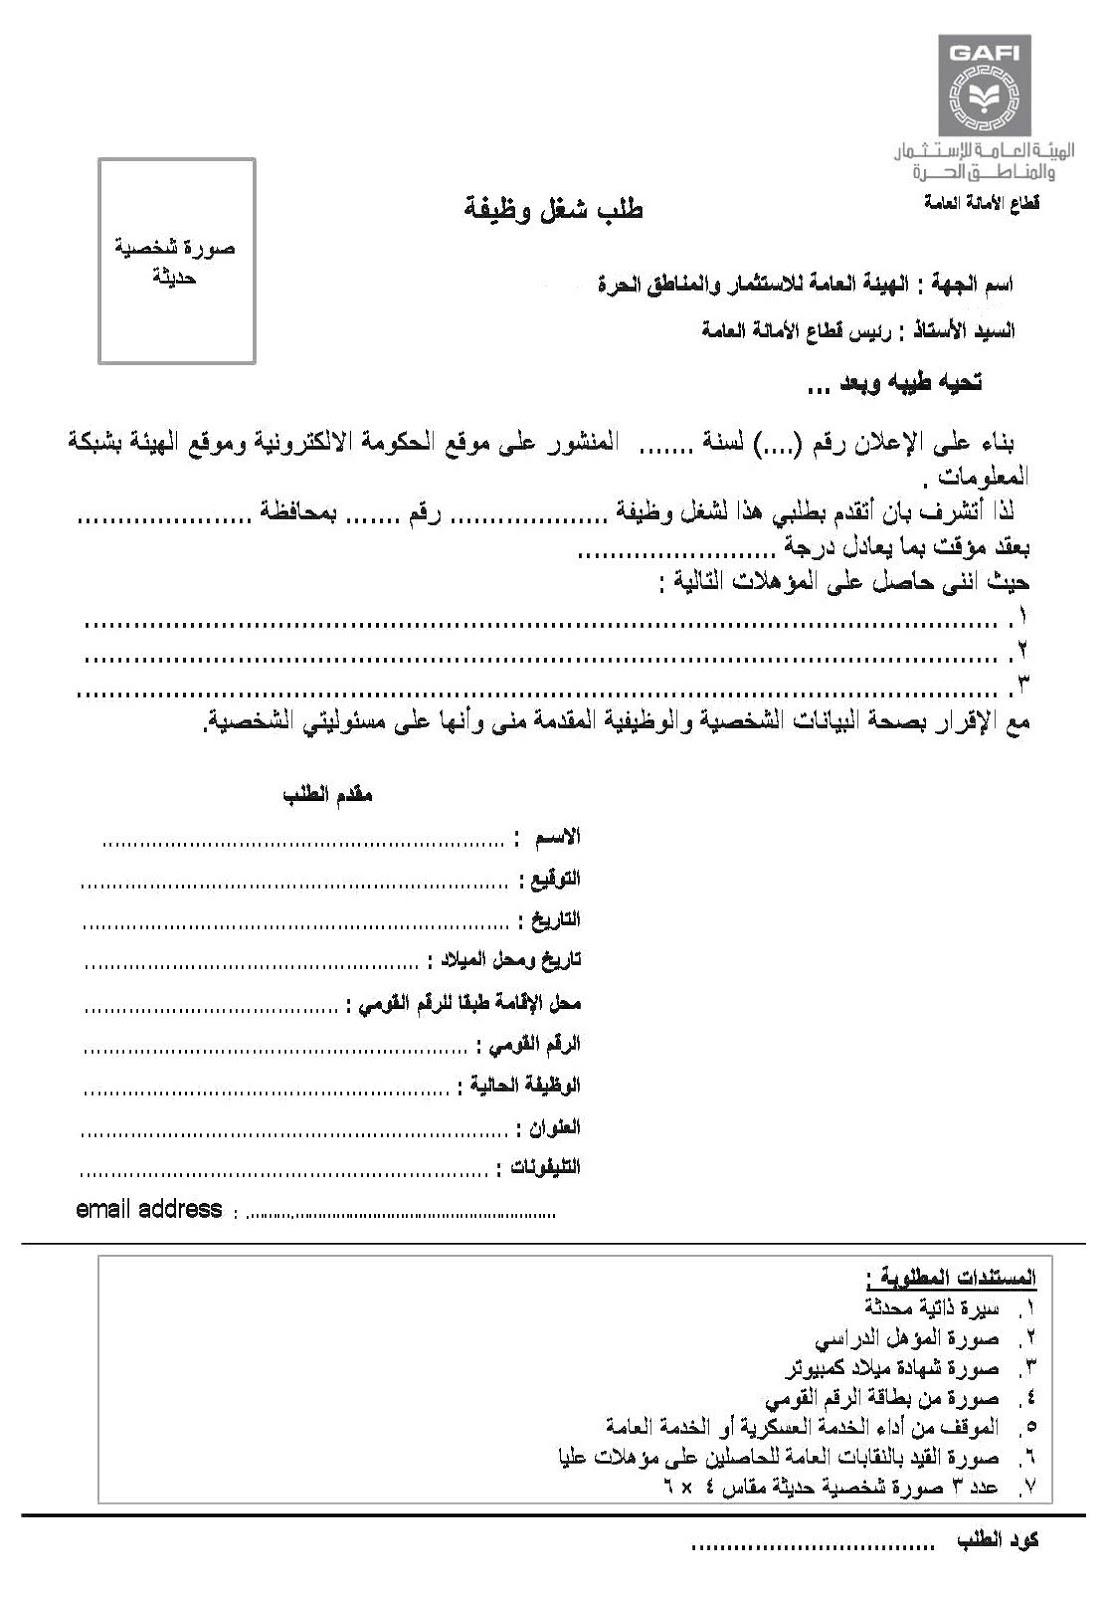 طلب التقديم - وظائف الهيئة العامة للاستثمار بالمحافظات والاوراق المطلوبة لـ 26 / 11 / 2015